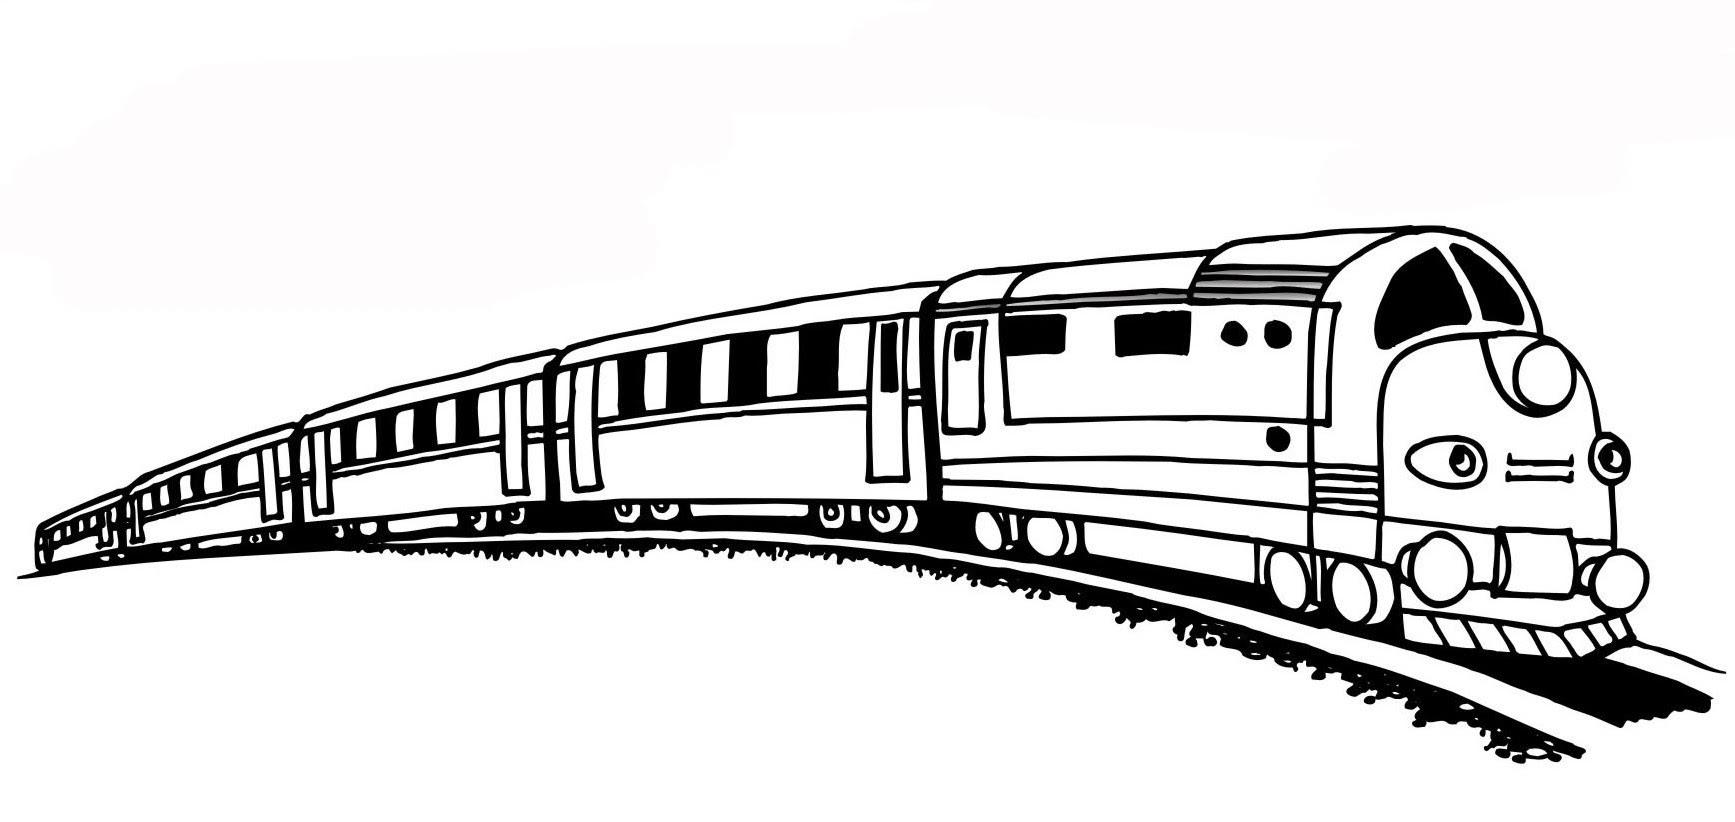 15 Malvorlagen Zug Kostenlos Top Kostenlos Färbung Seite Advents